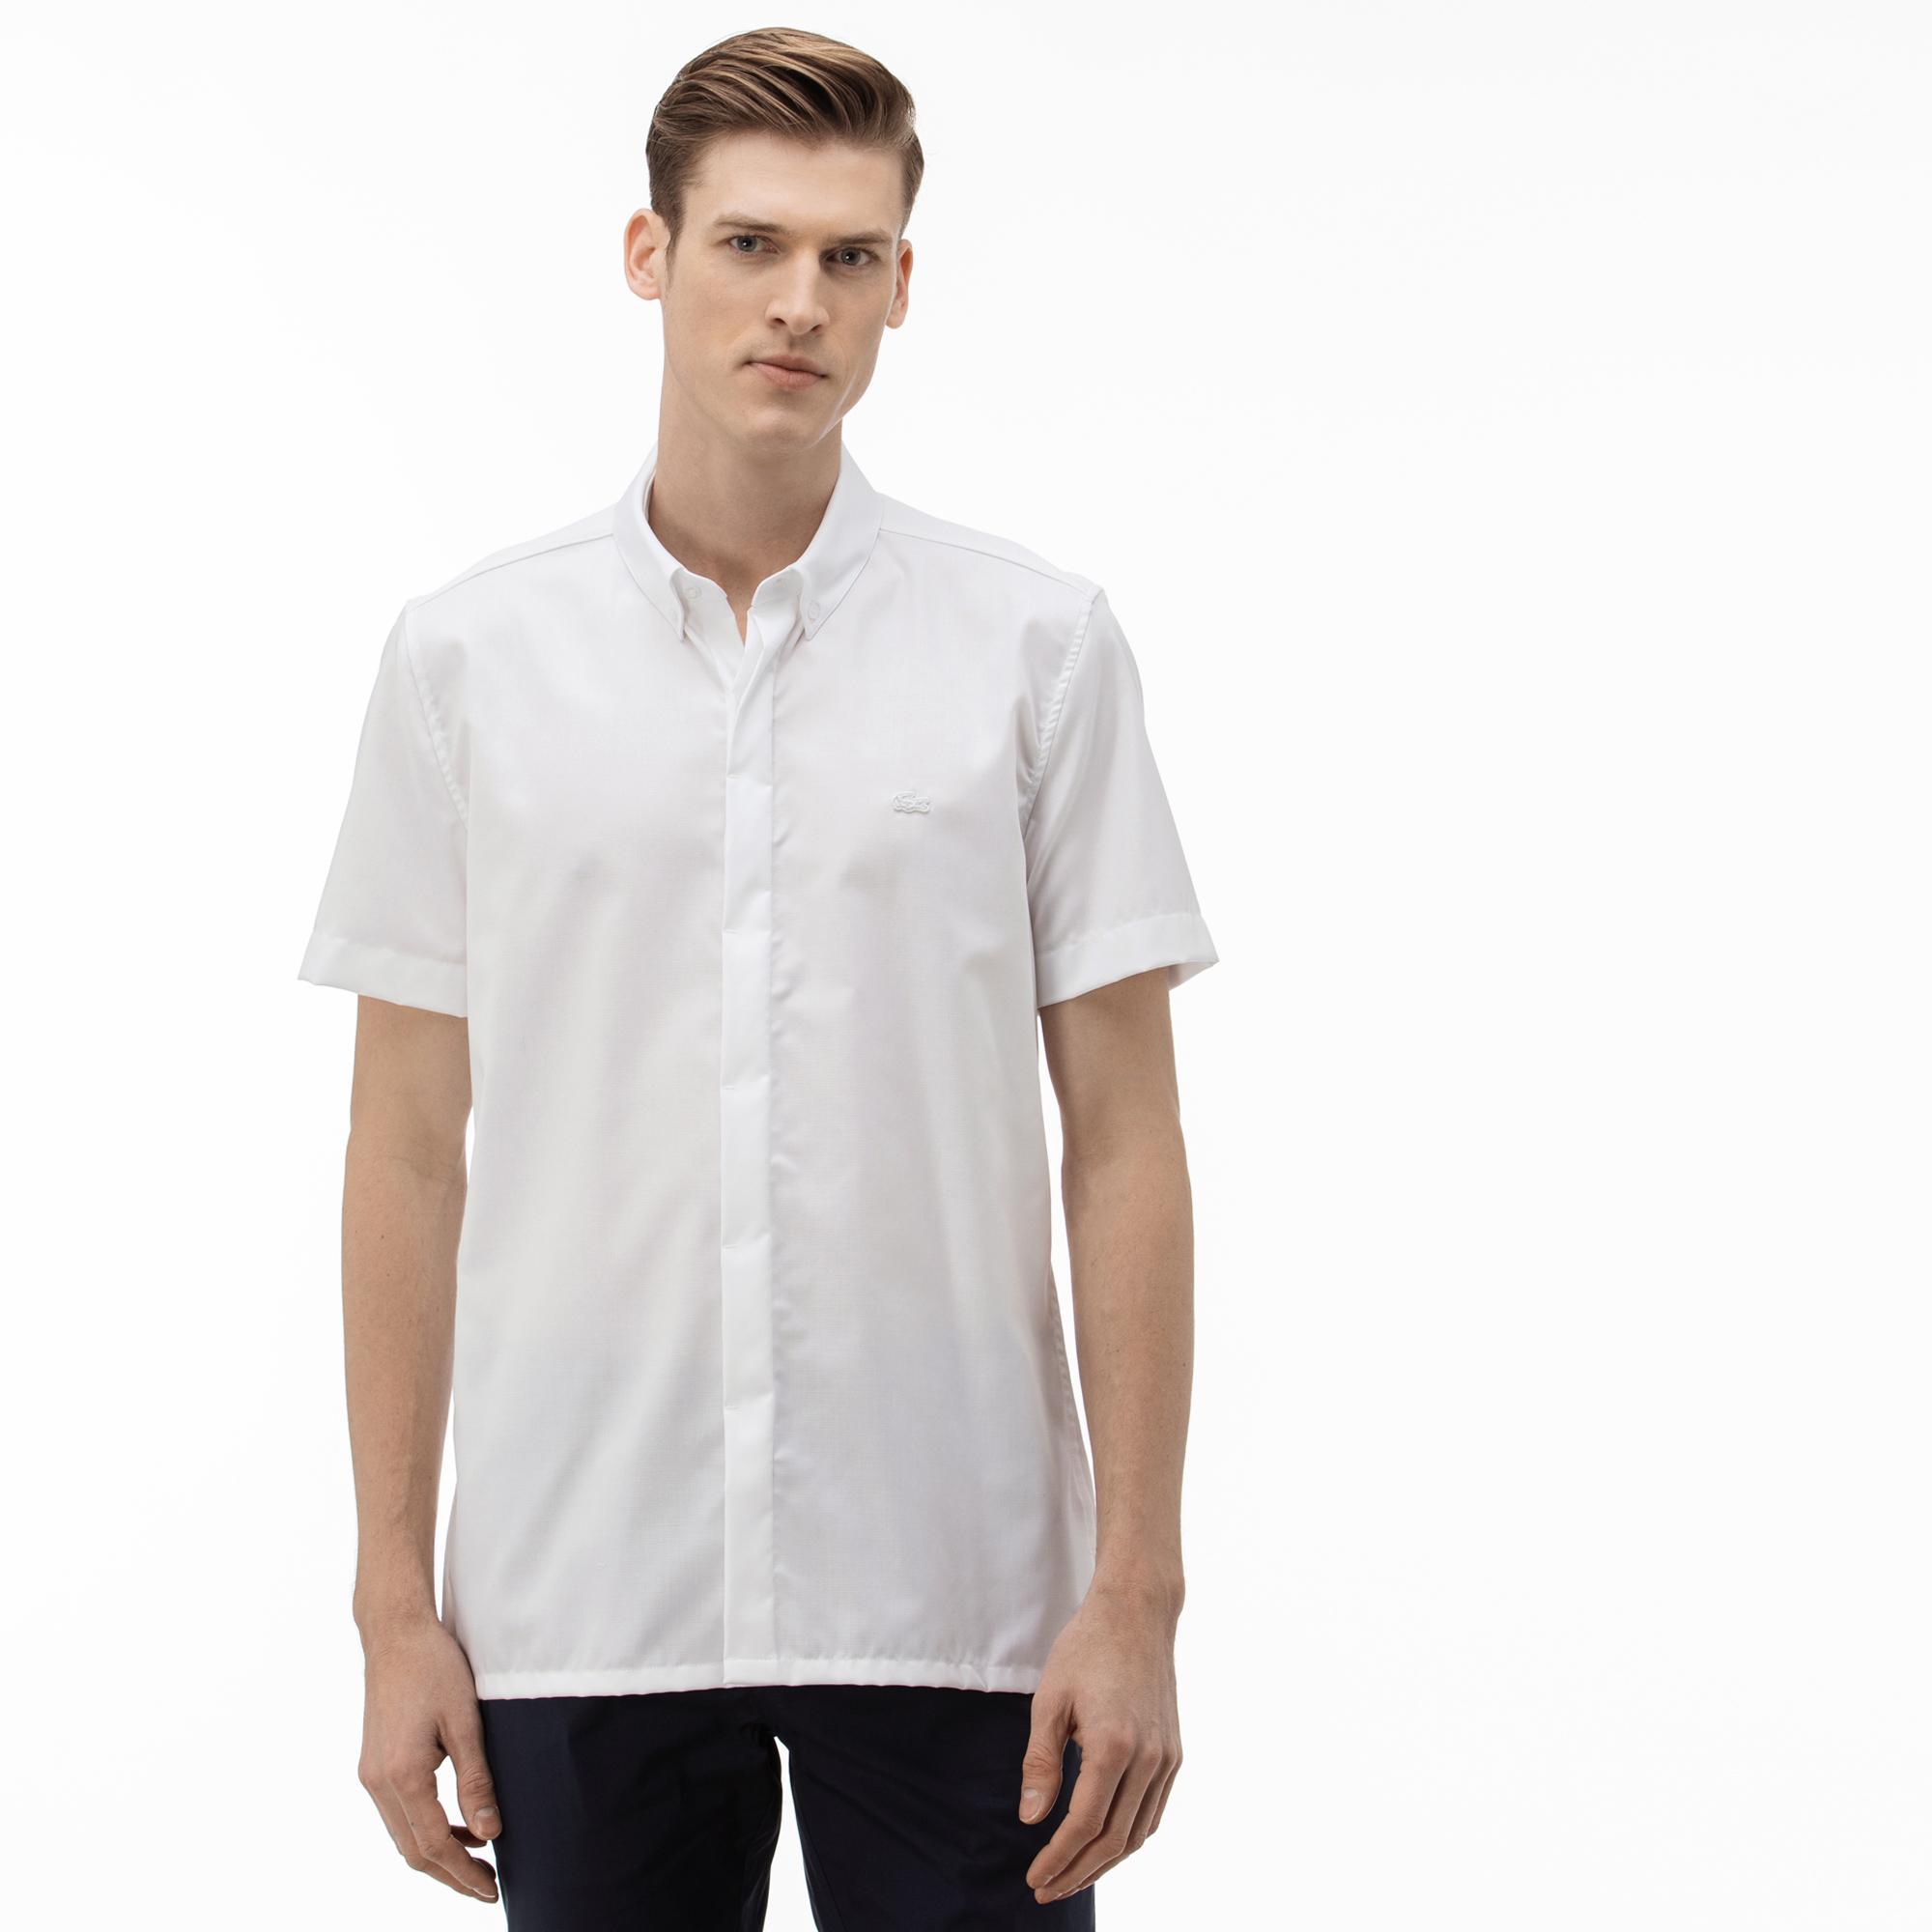 Lacoste Erkek Slim Fit Kısa Kollu Beyaz Gömlek